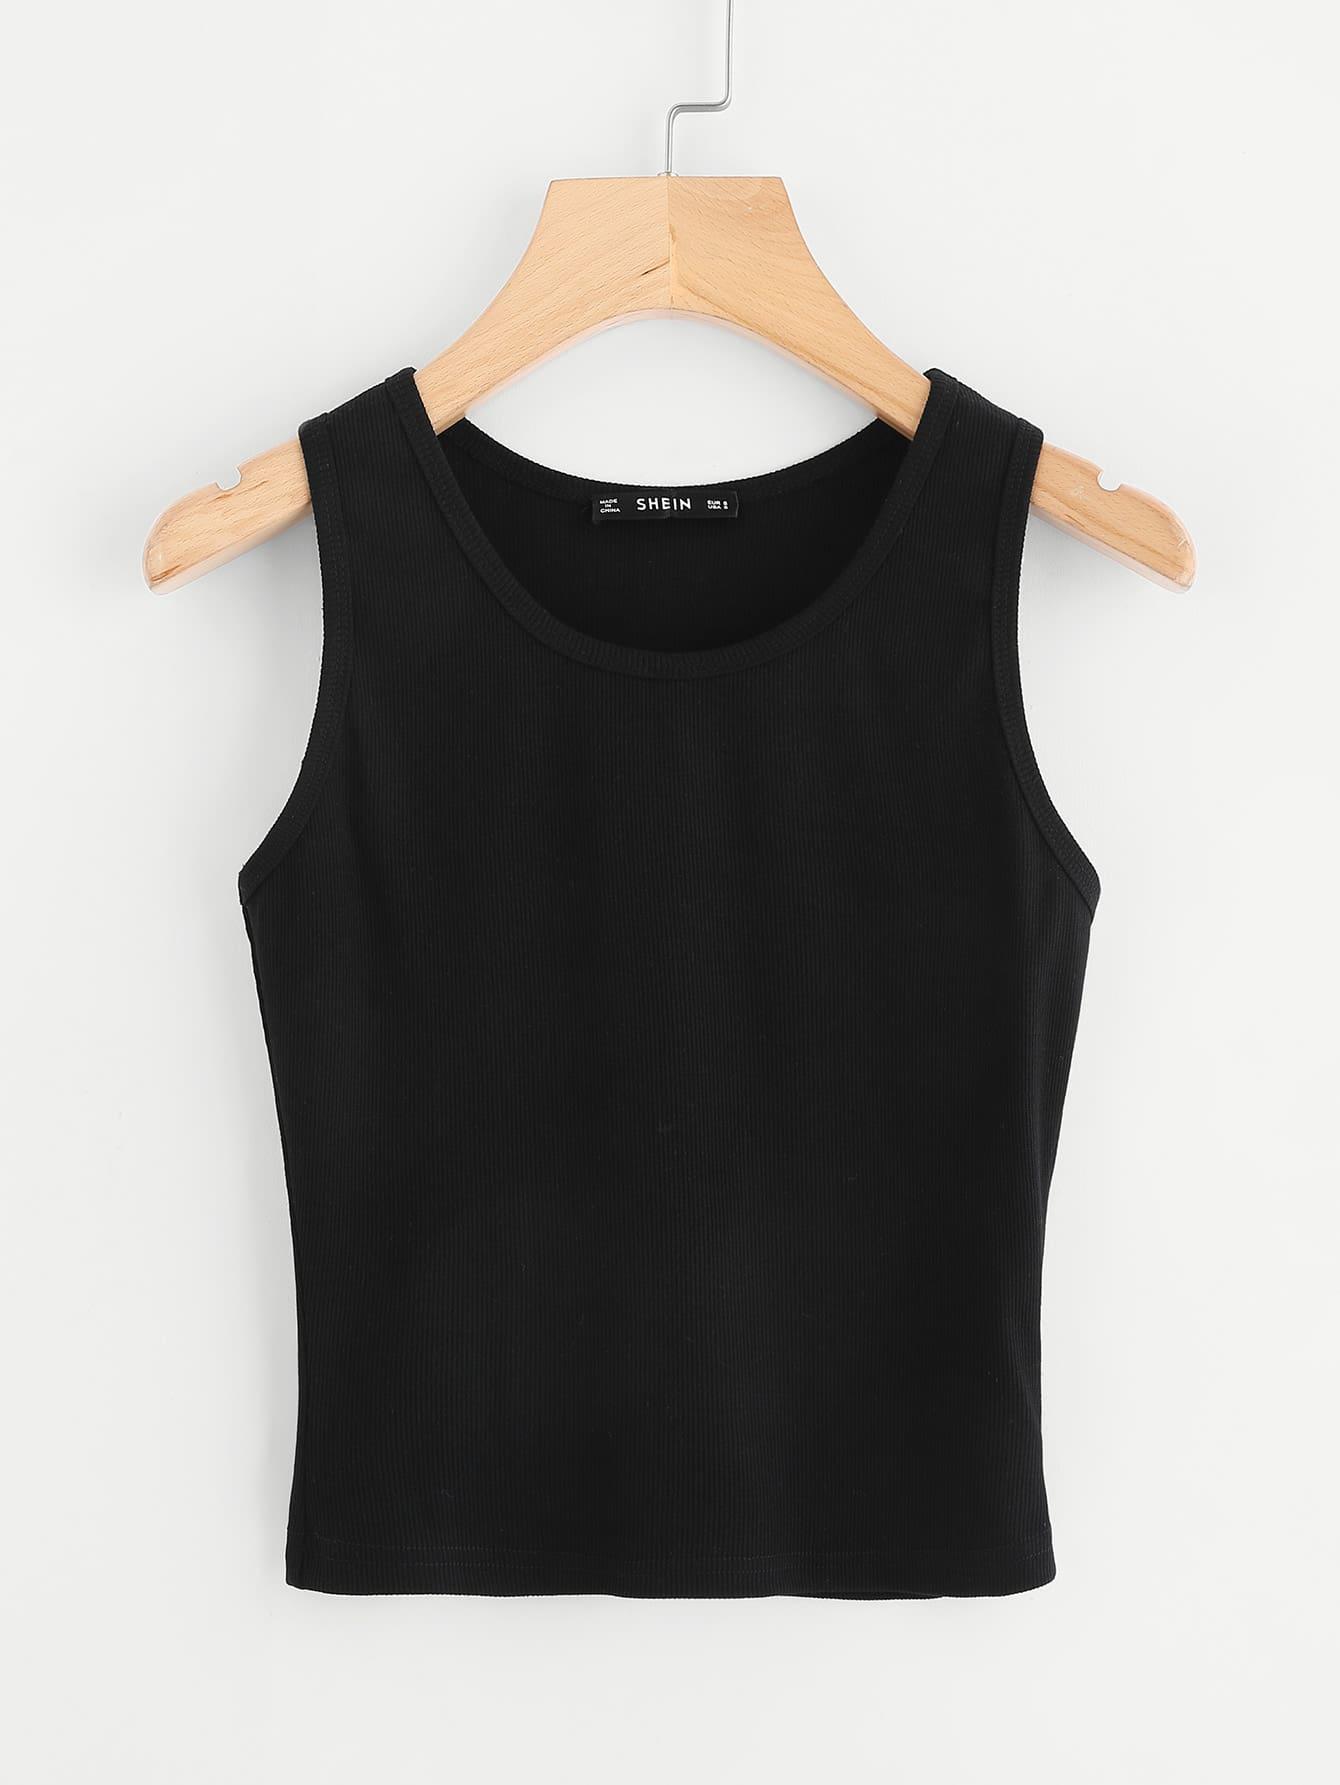 Rib Knit Tank Top vest171013702